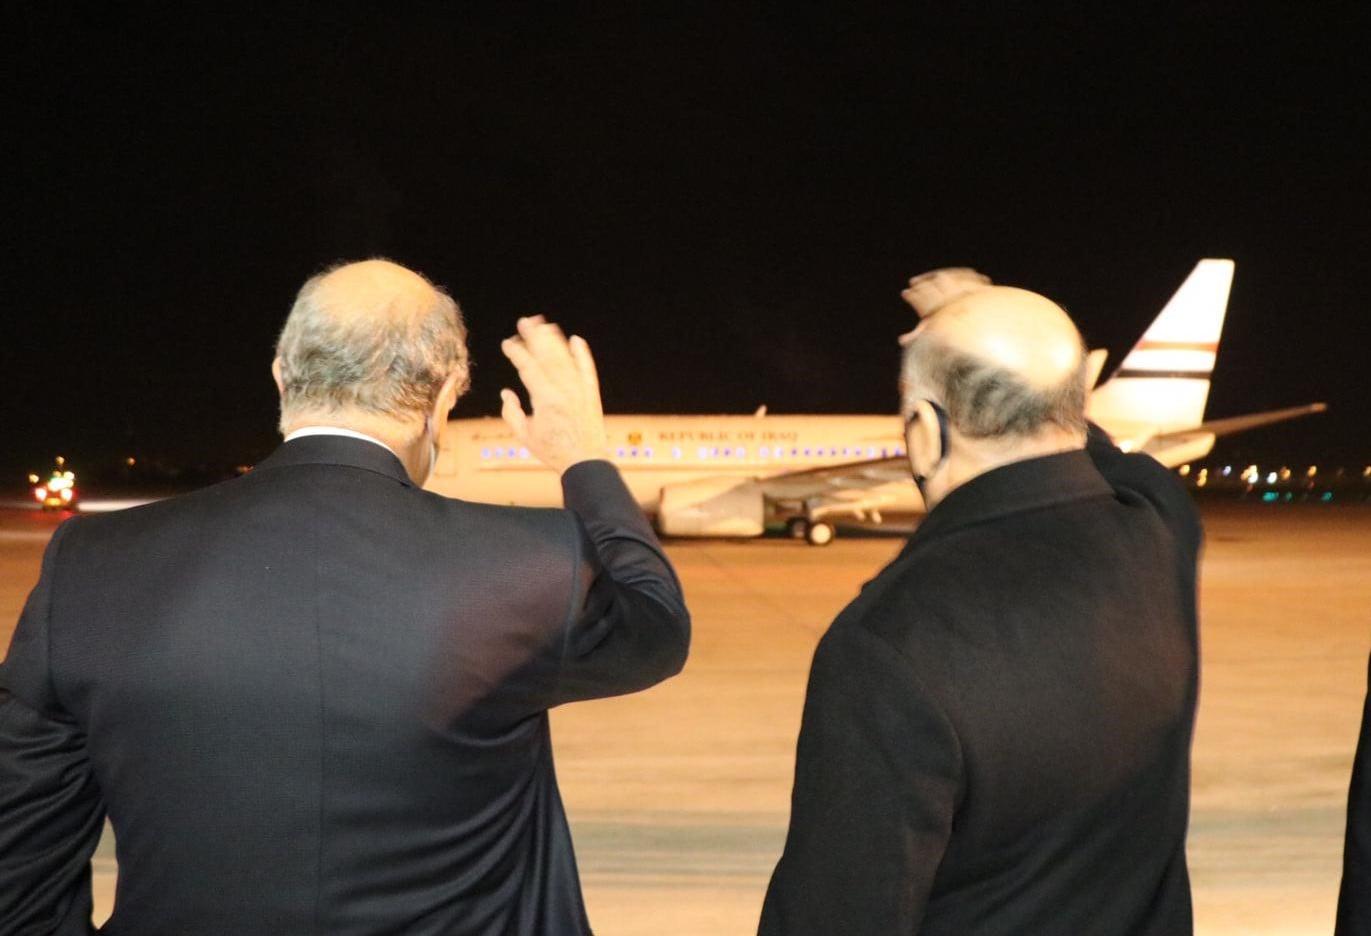 سفير العراق في تركيا: بغداد وأنقرة عادتا إلى اتفاق عام 2009 بشأن تأشيرات الدخول